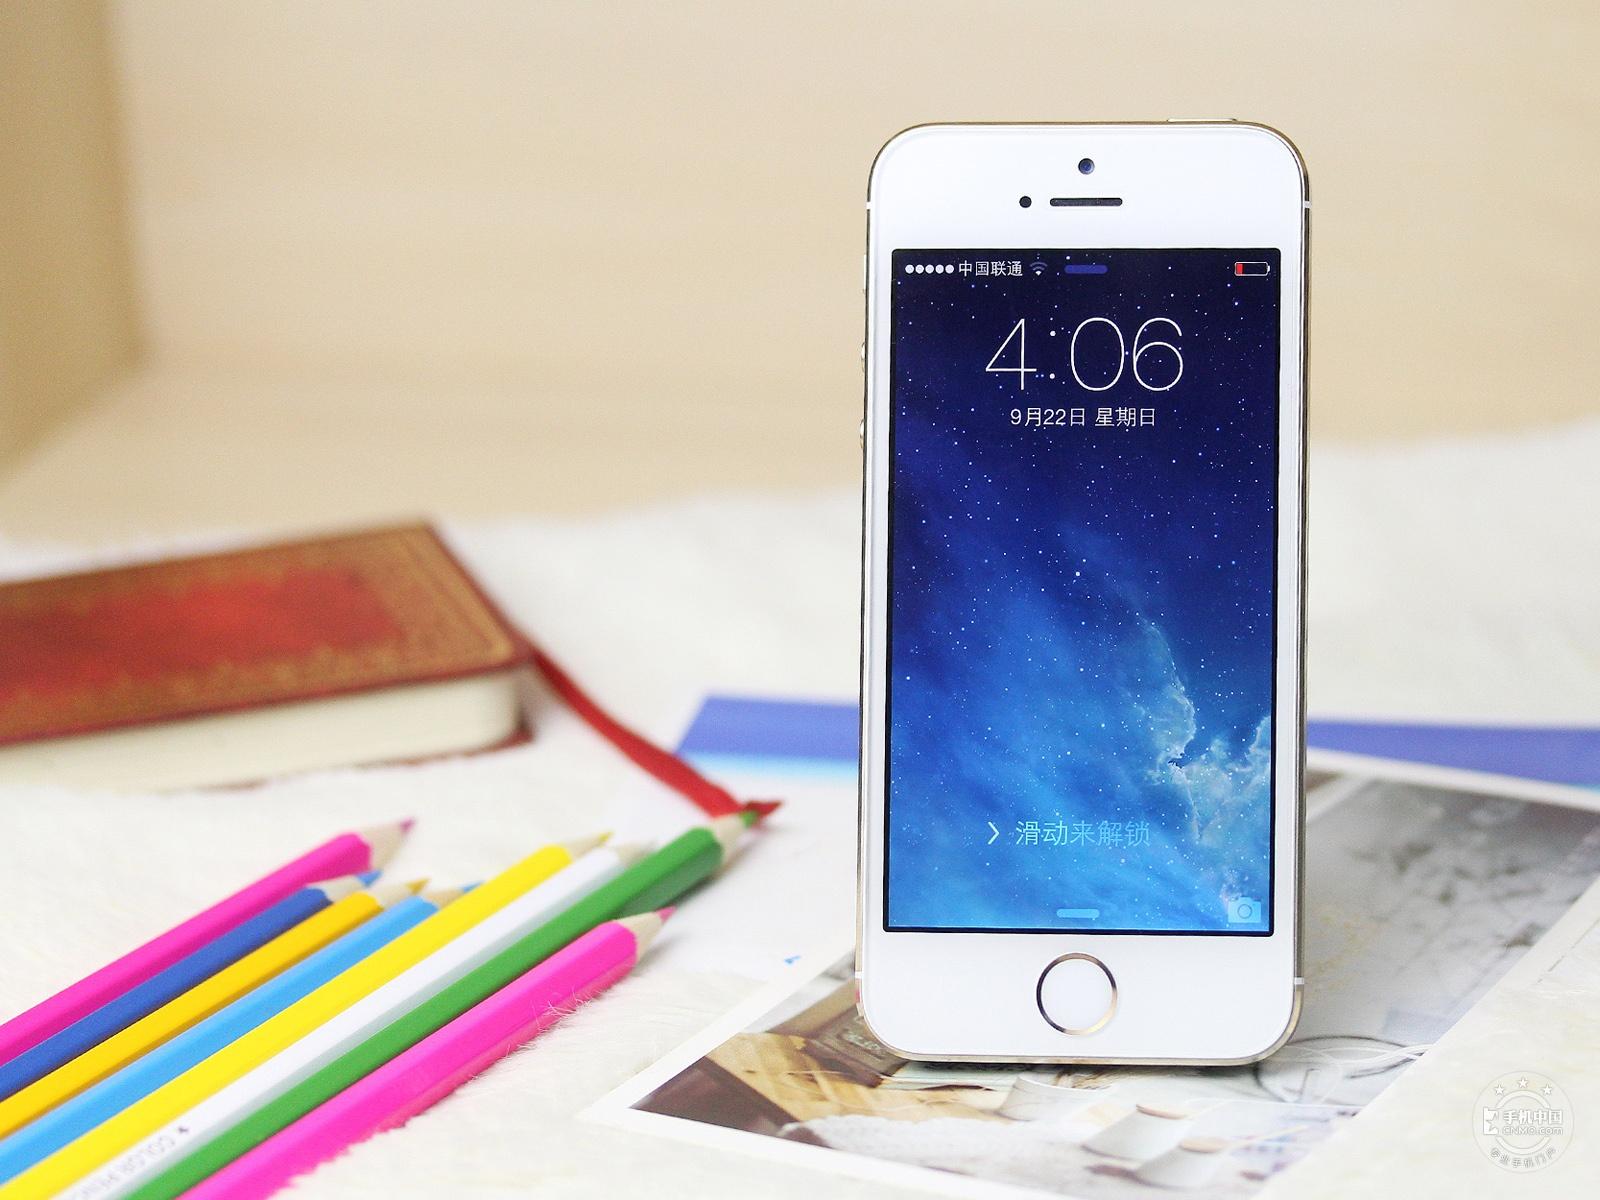 苹果iPhone5s(16GB)整体外观第1张